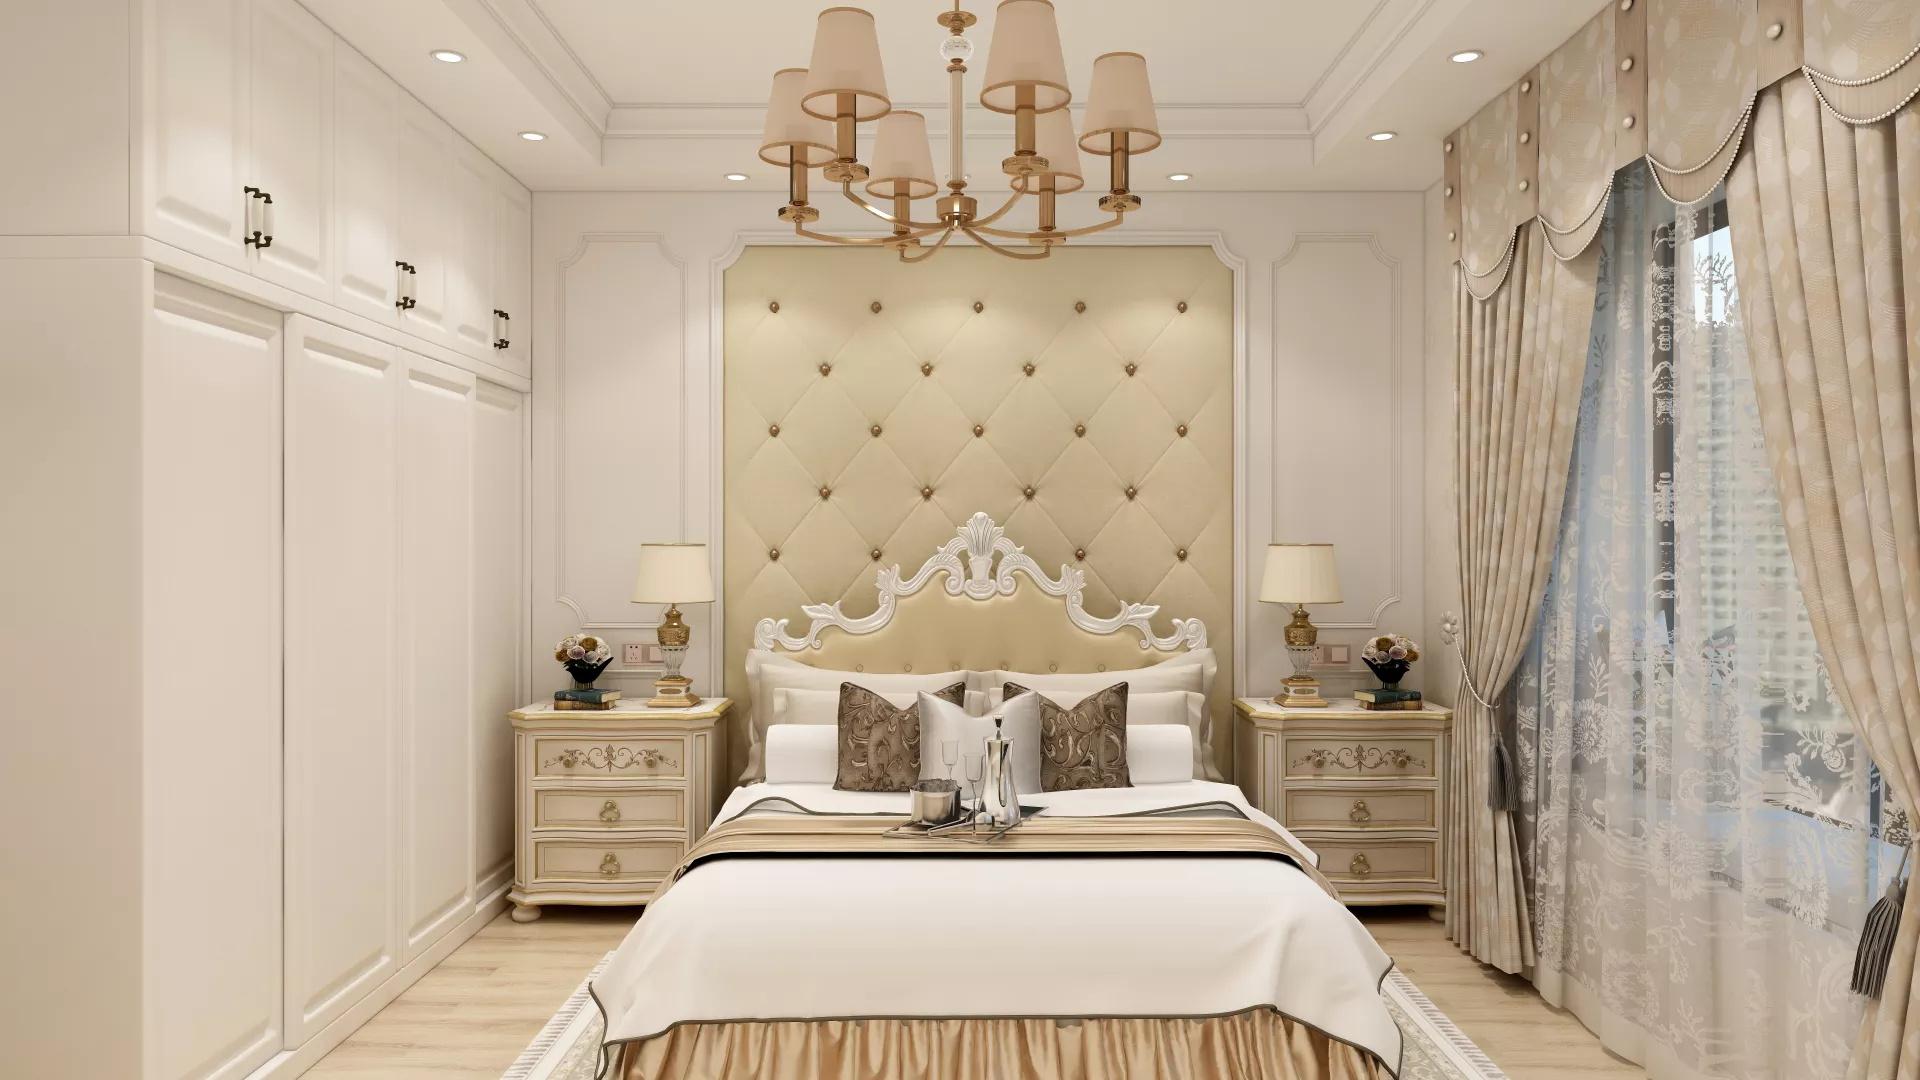 低奢简欧风卧室碎花床头背景墙设计效果图